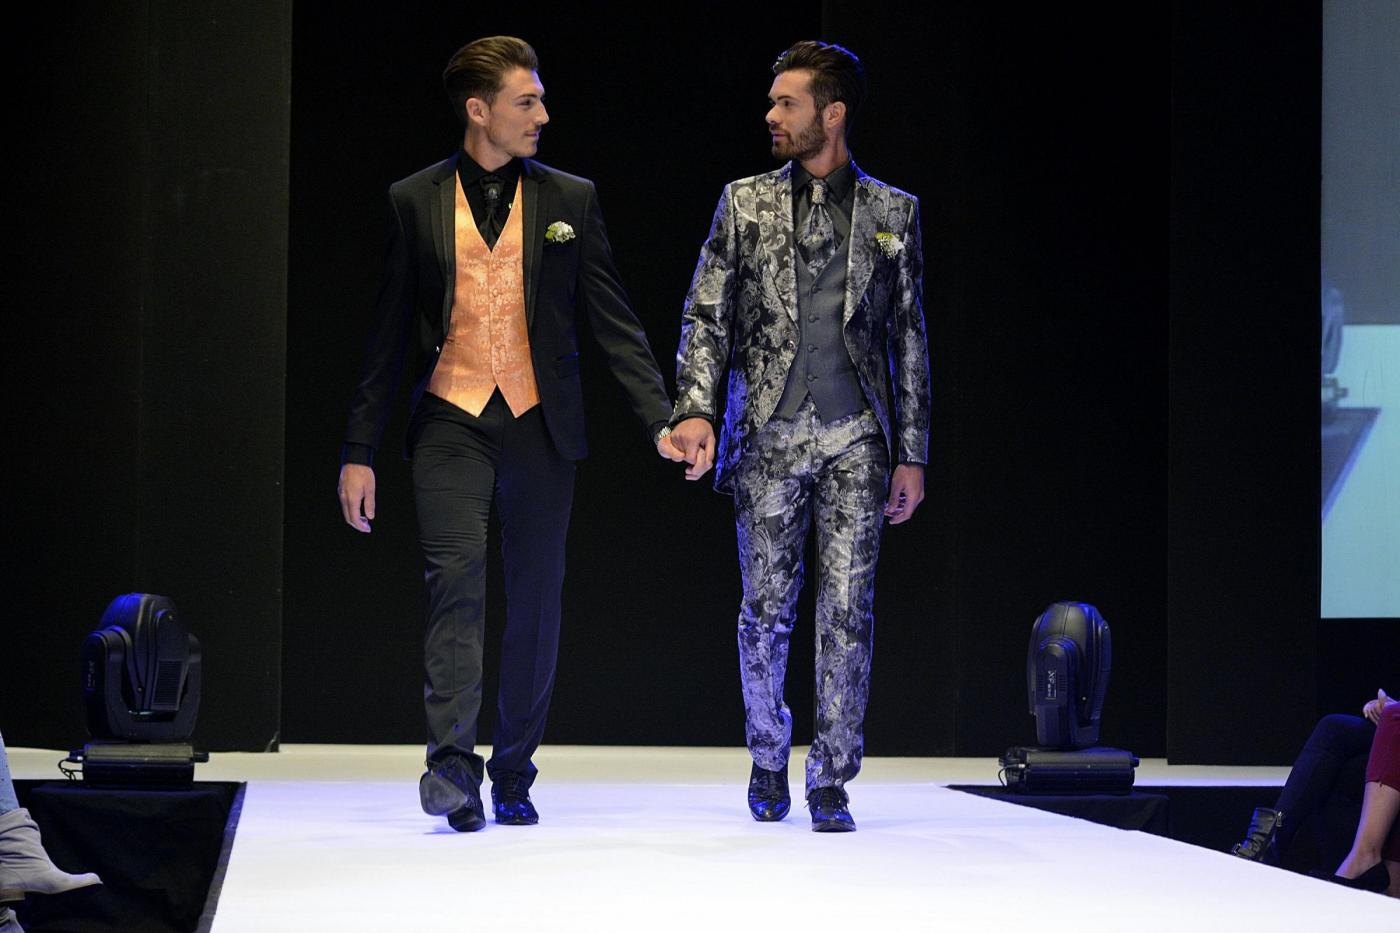 Matrimonio gay: a Roma prima sfilata a tema. Giusto o sbagliato?